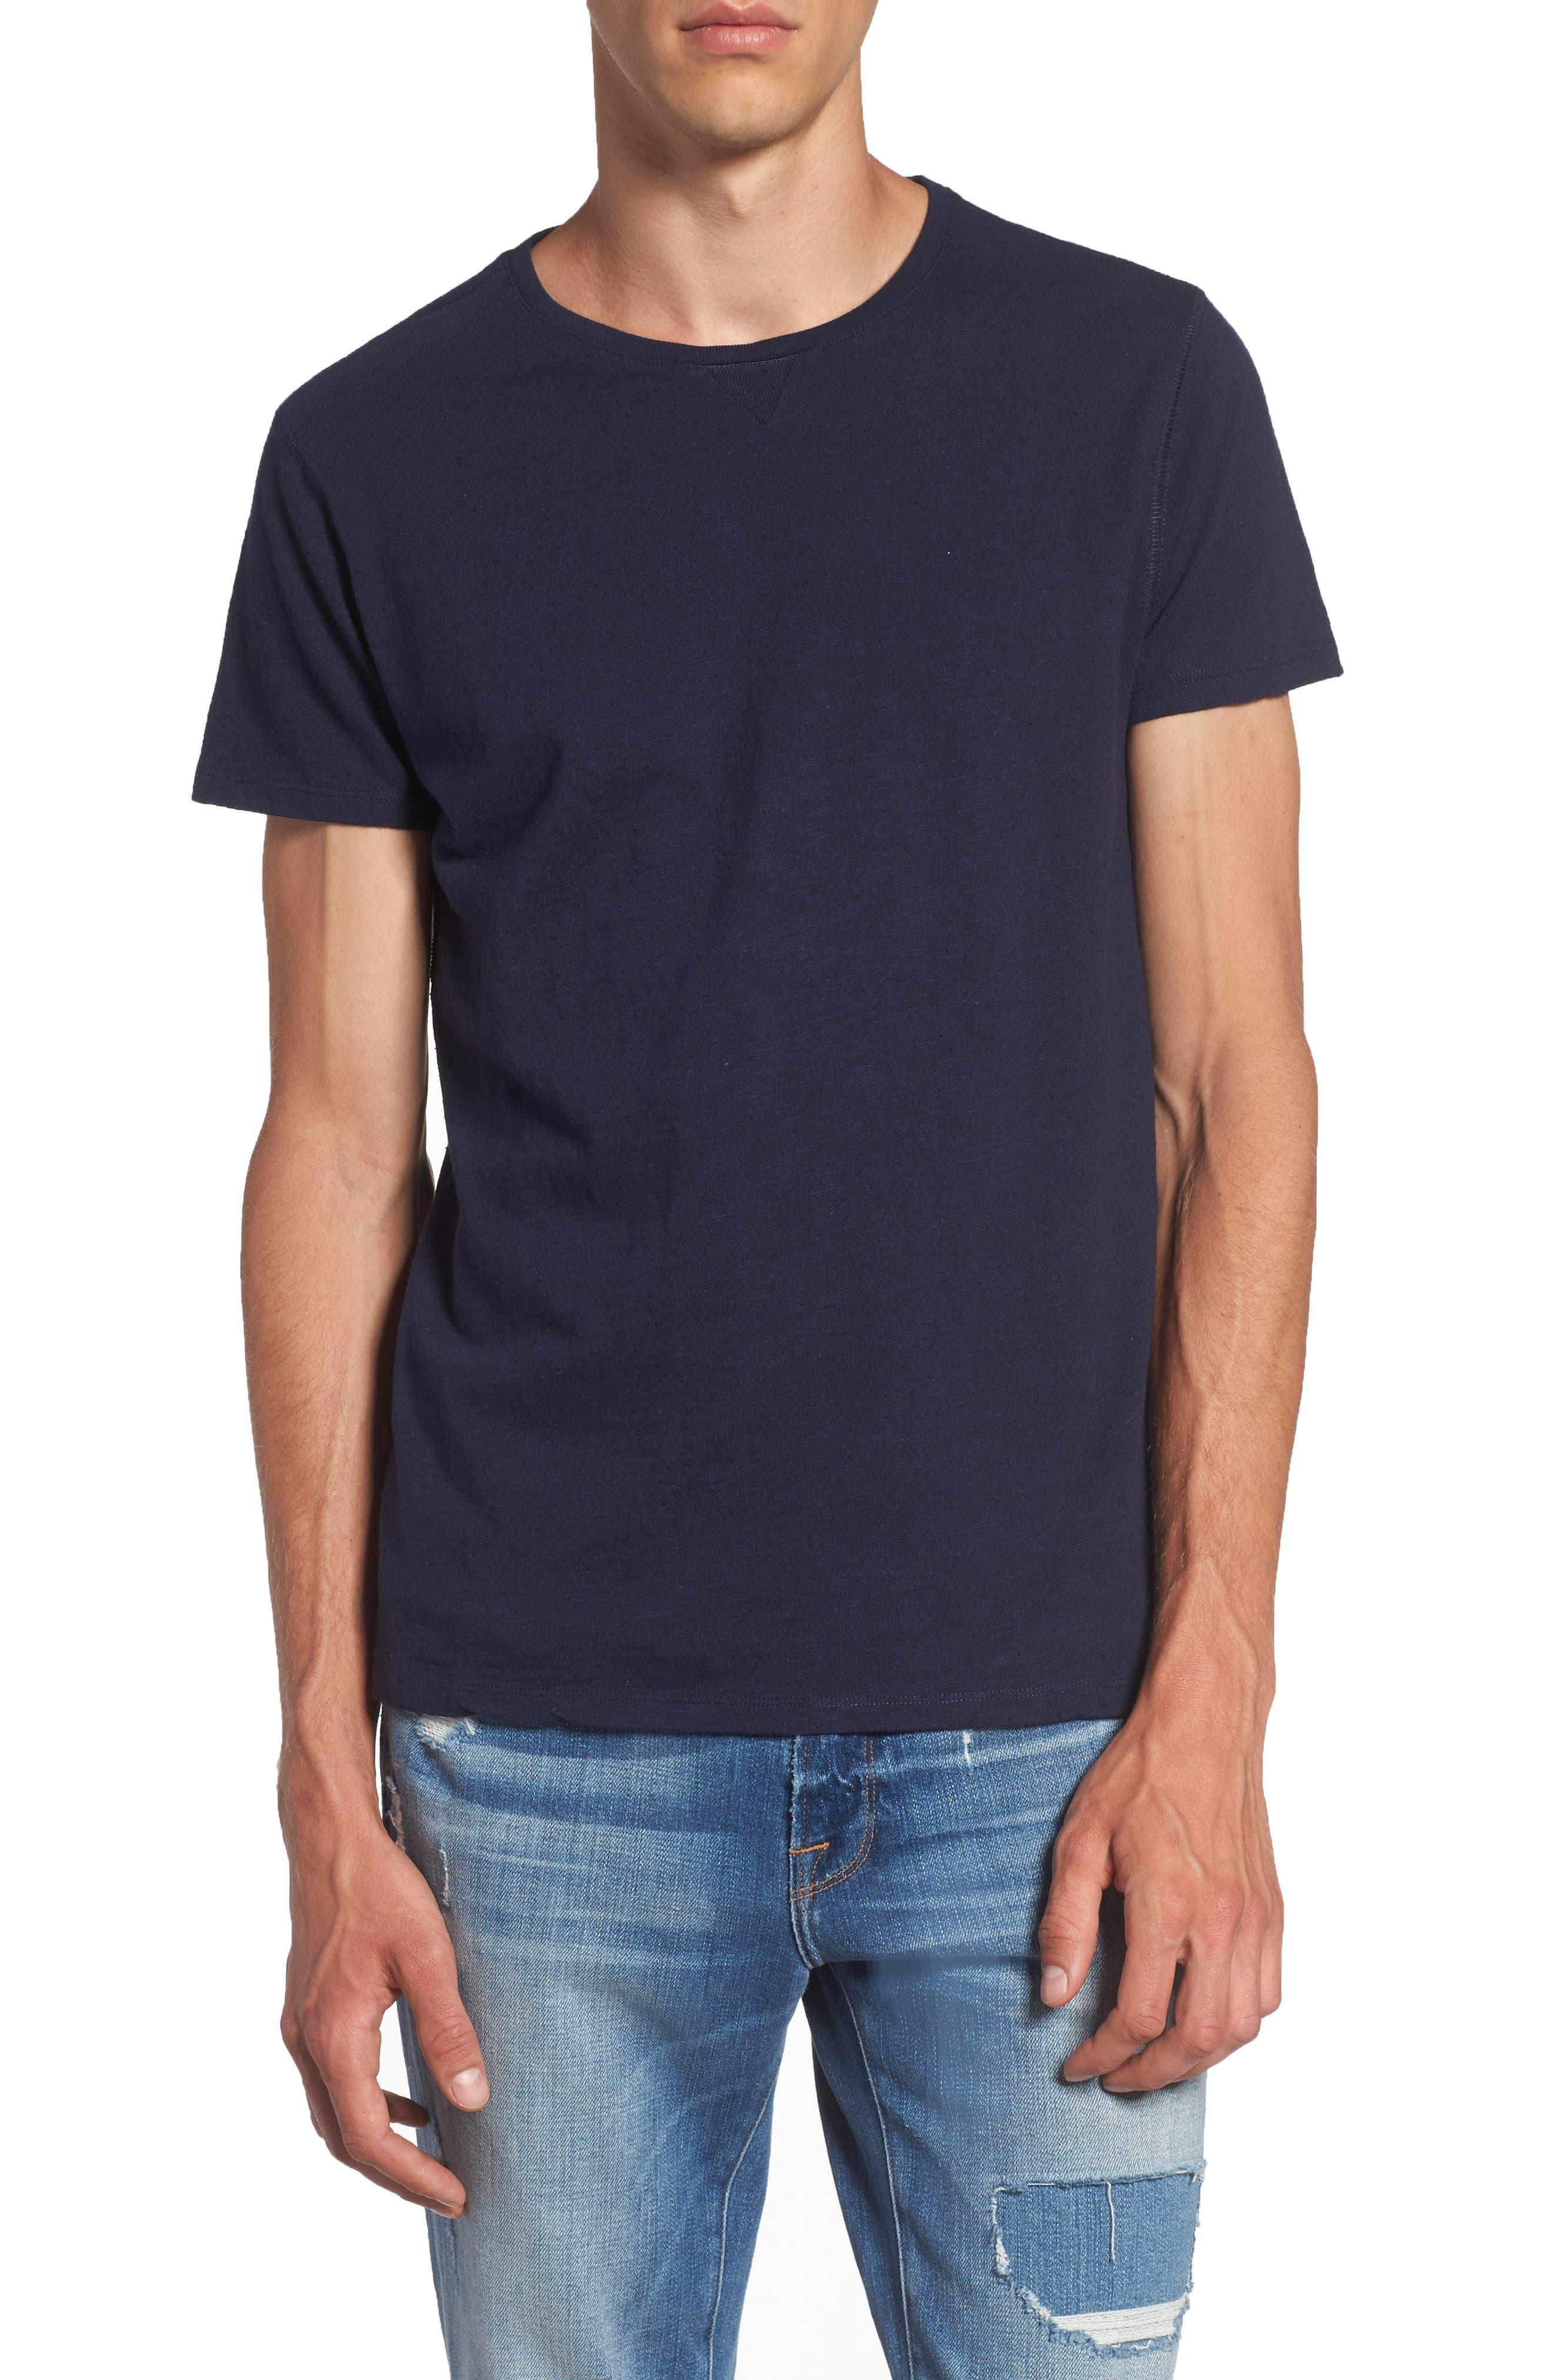 Scotch & Soda Home Alone Classic T-Shirt